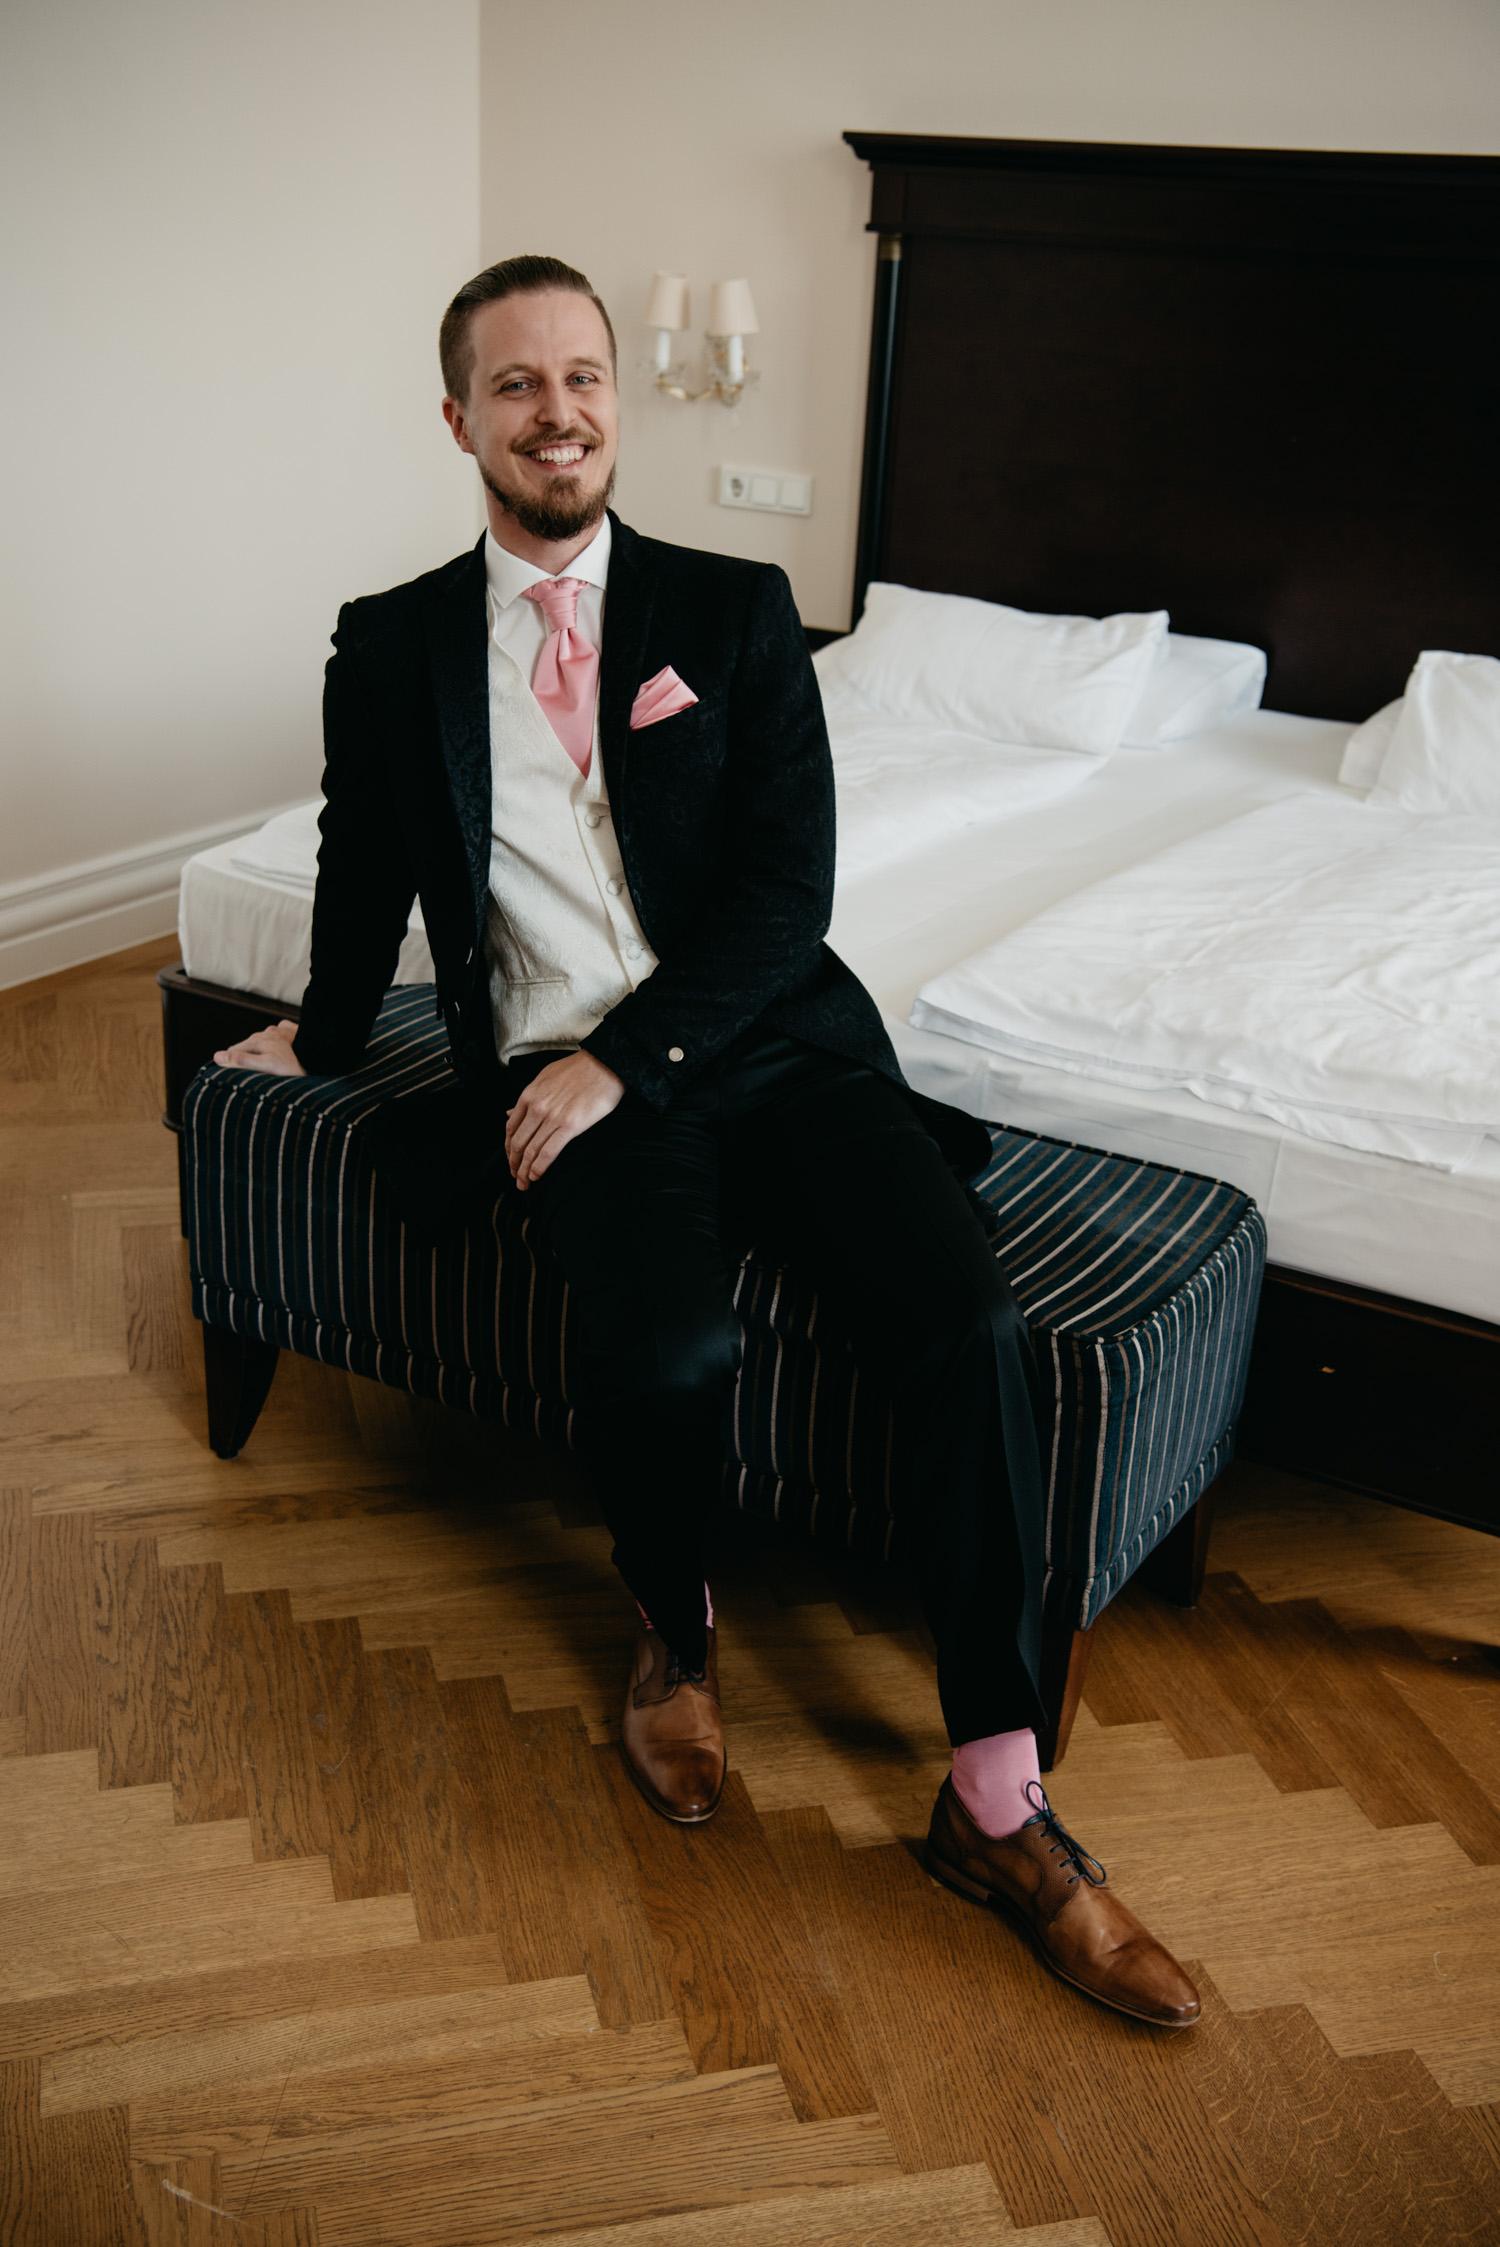 solya-mike-hochzeitsfotografin-hochzeitsfotografen-wien-hermesvilla-wedding-photographer-vienna-austria-61 Hochzeitstipps Teil 1 - Das Getting Ready